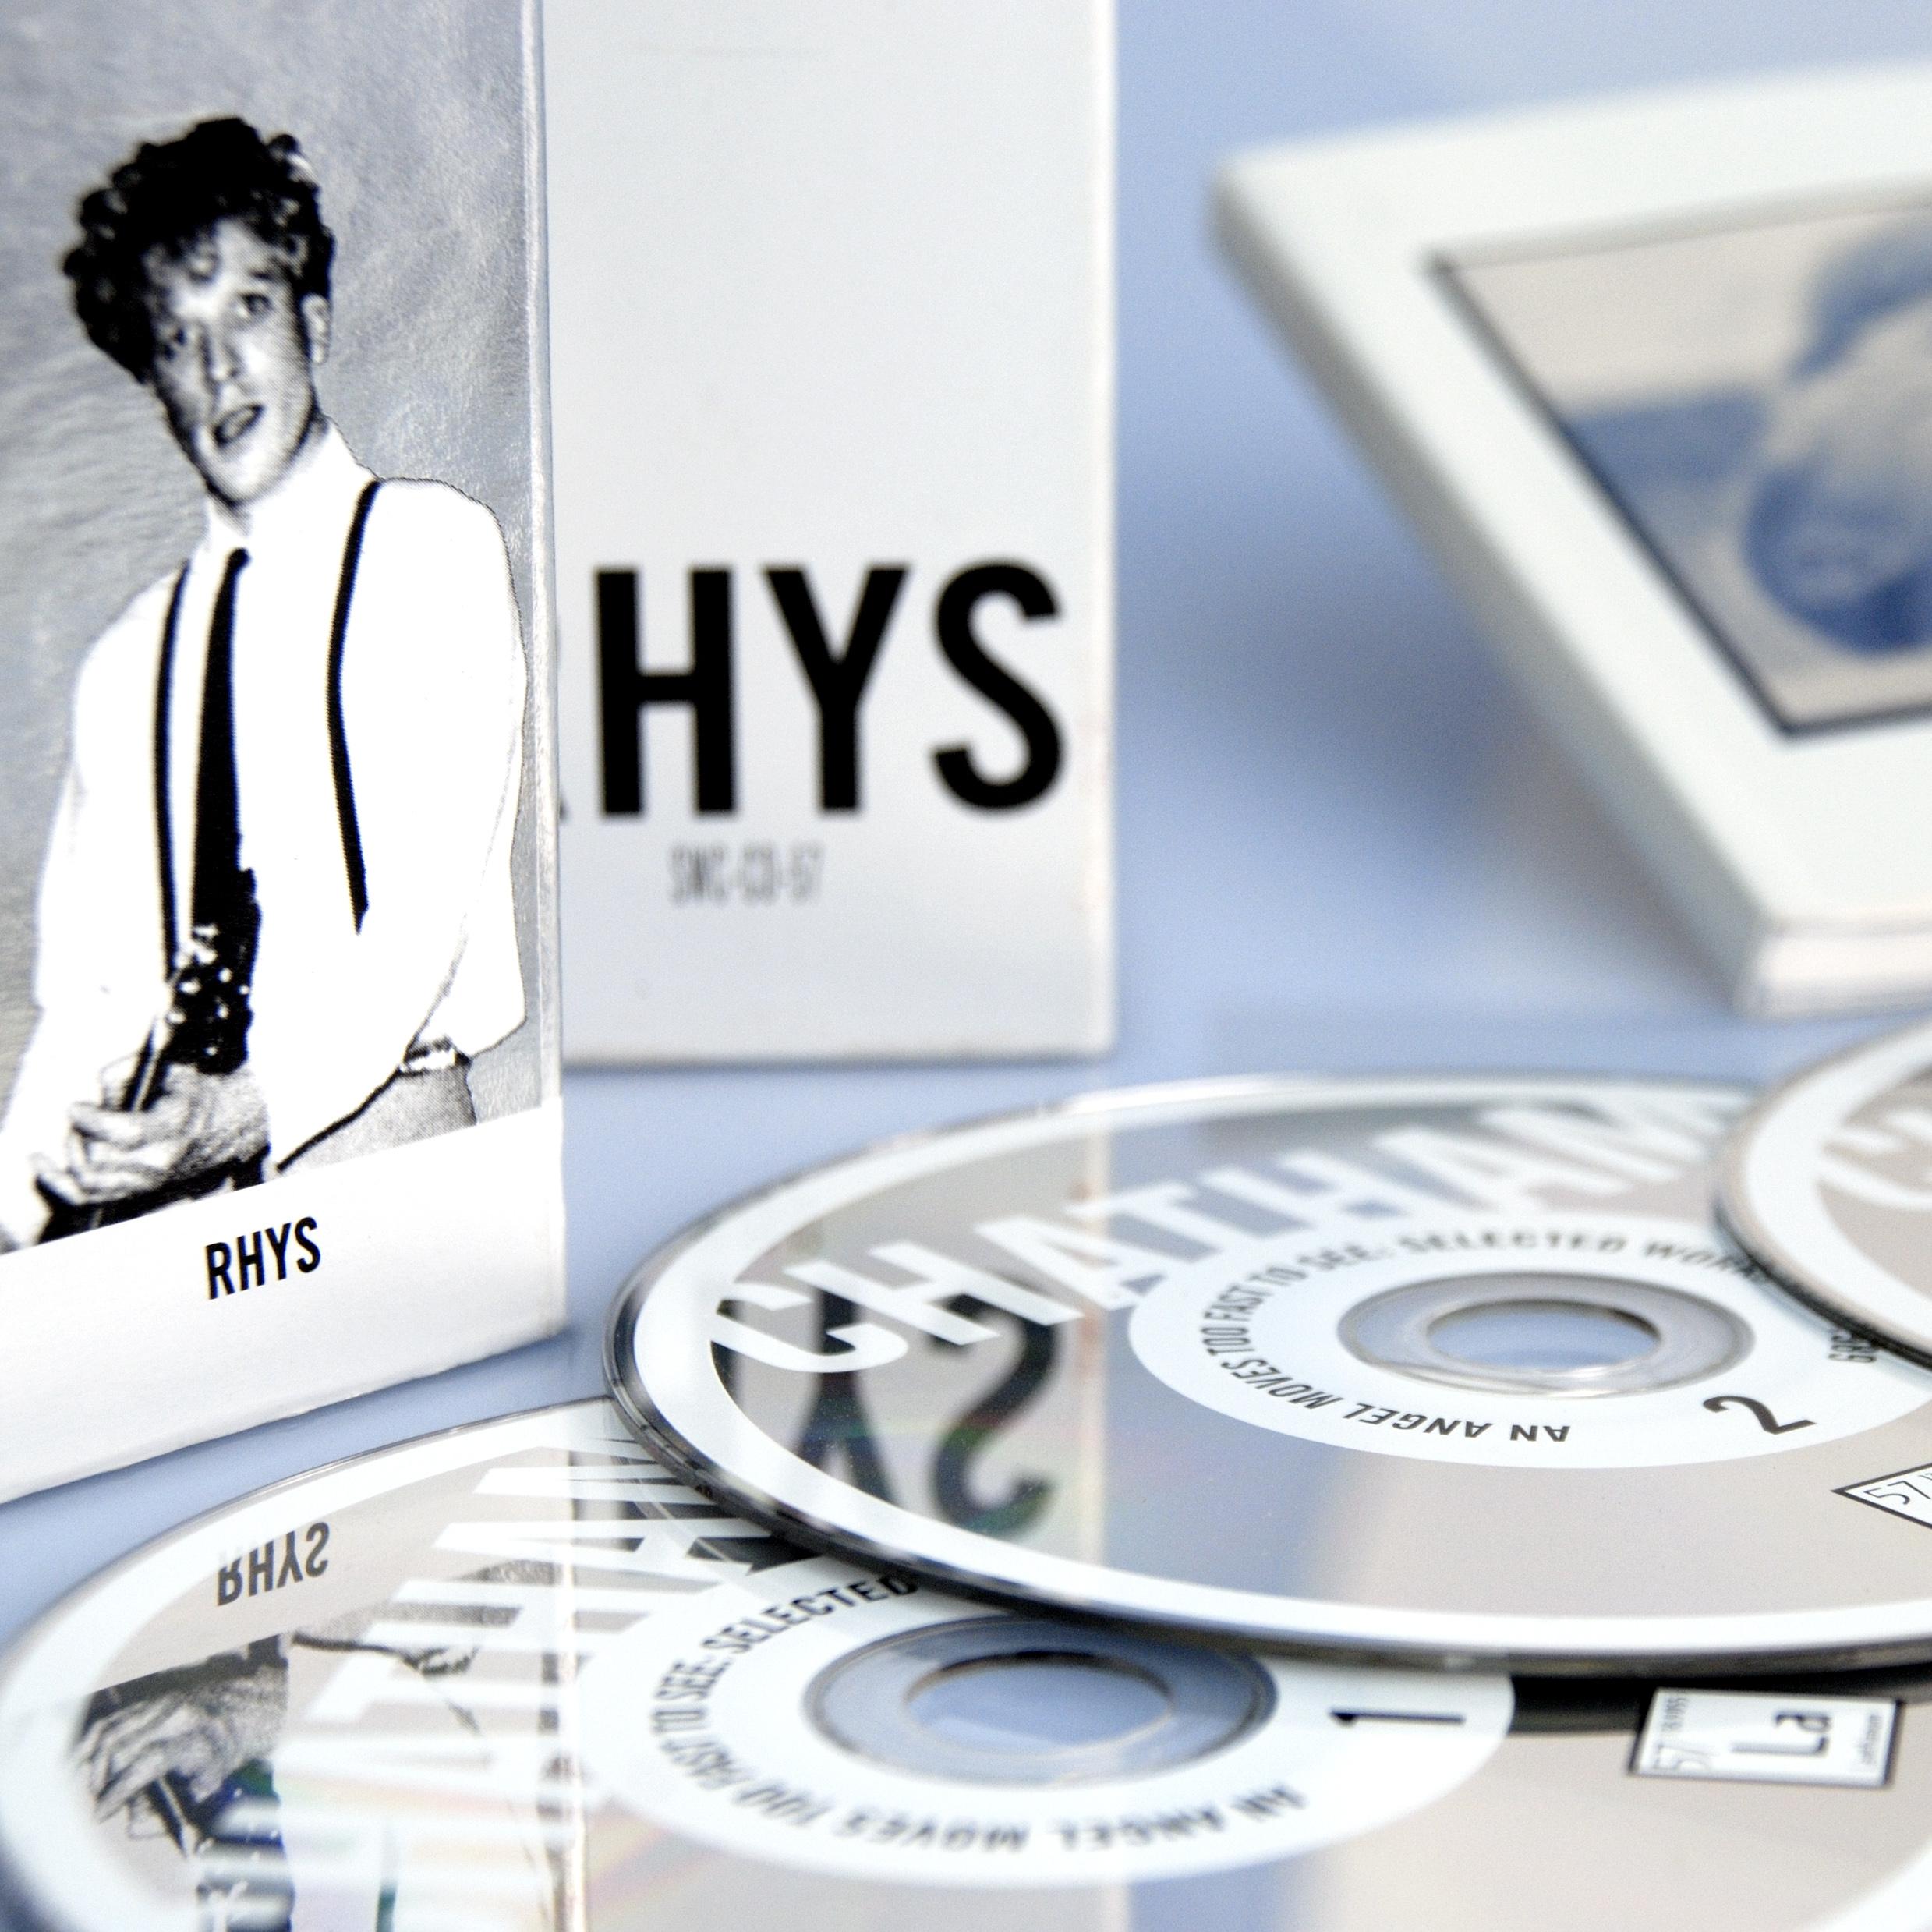 Rhys Chatham (2003)